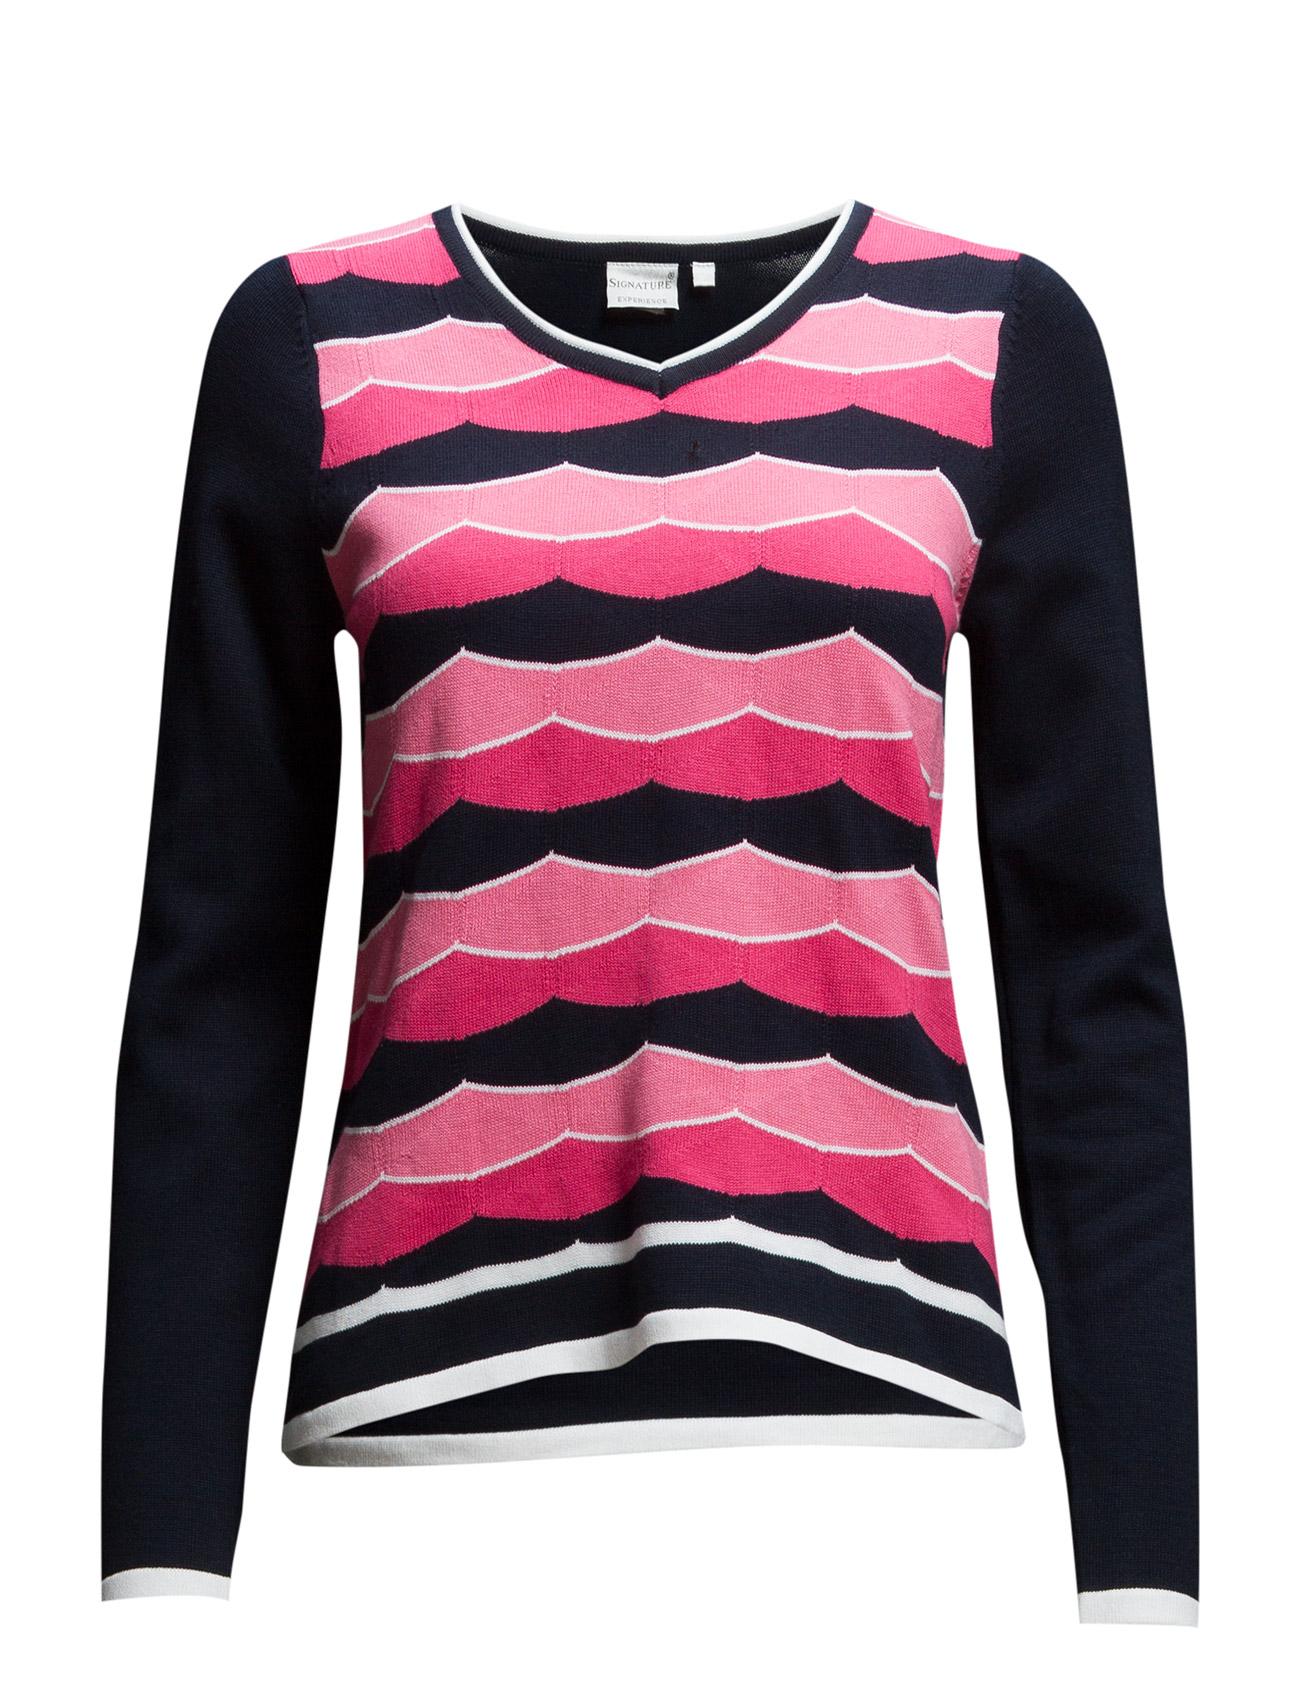 Pullover Signature Sweatshirts til Kvinder i Koral